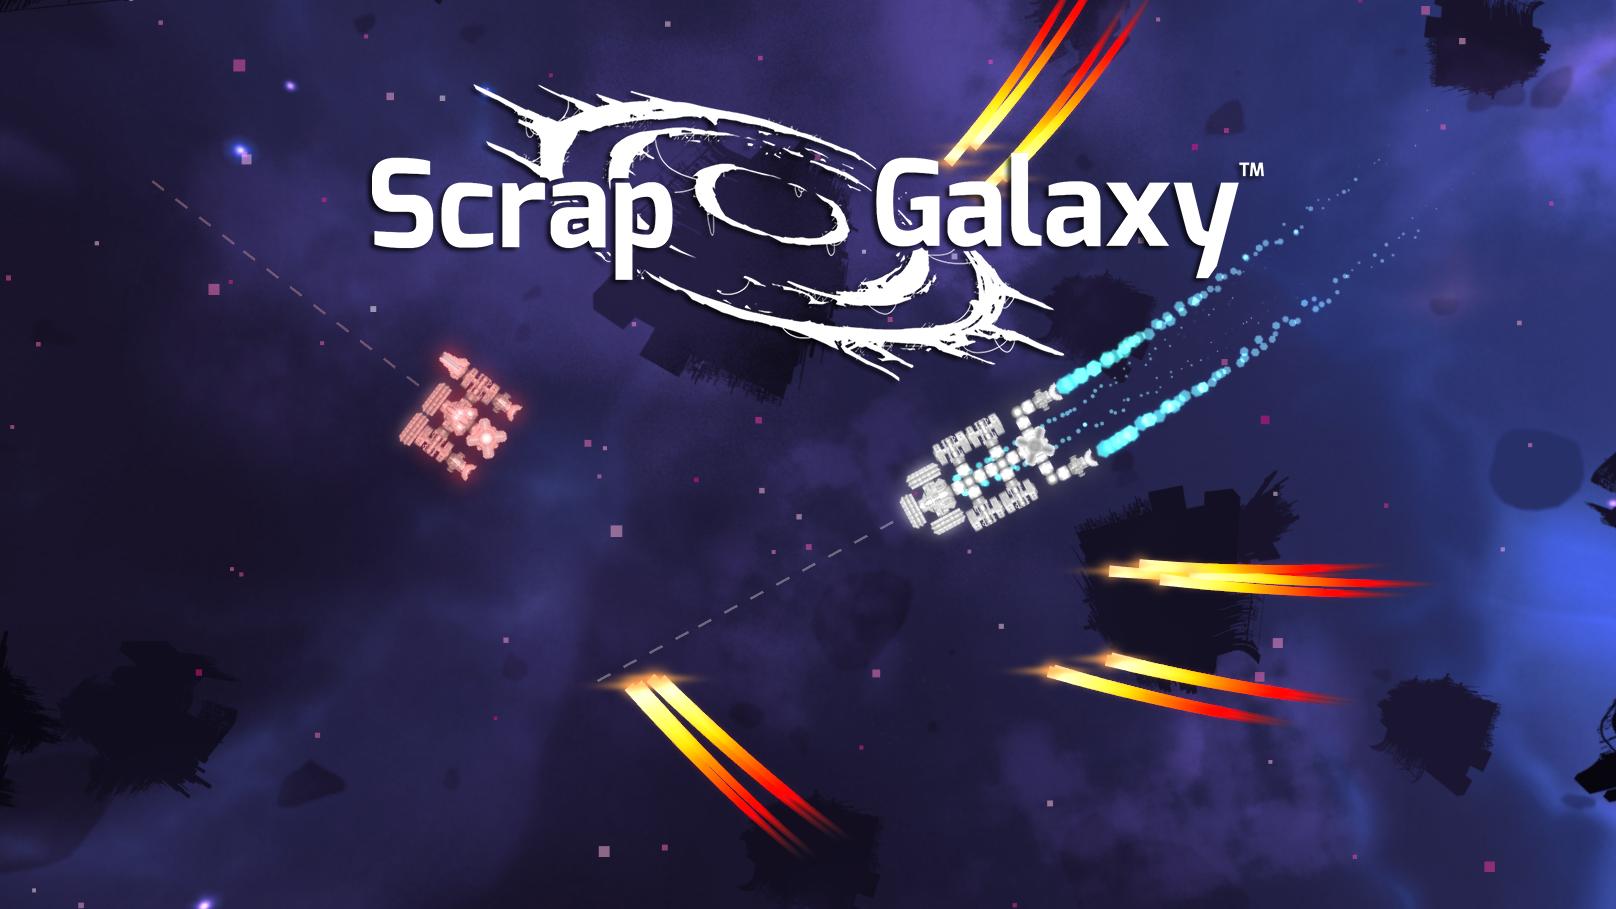 Scrap Galaxy